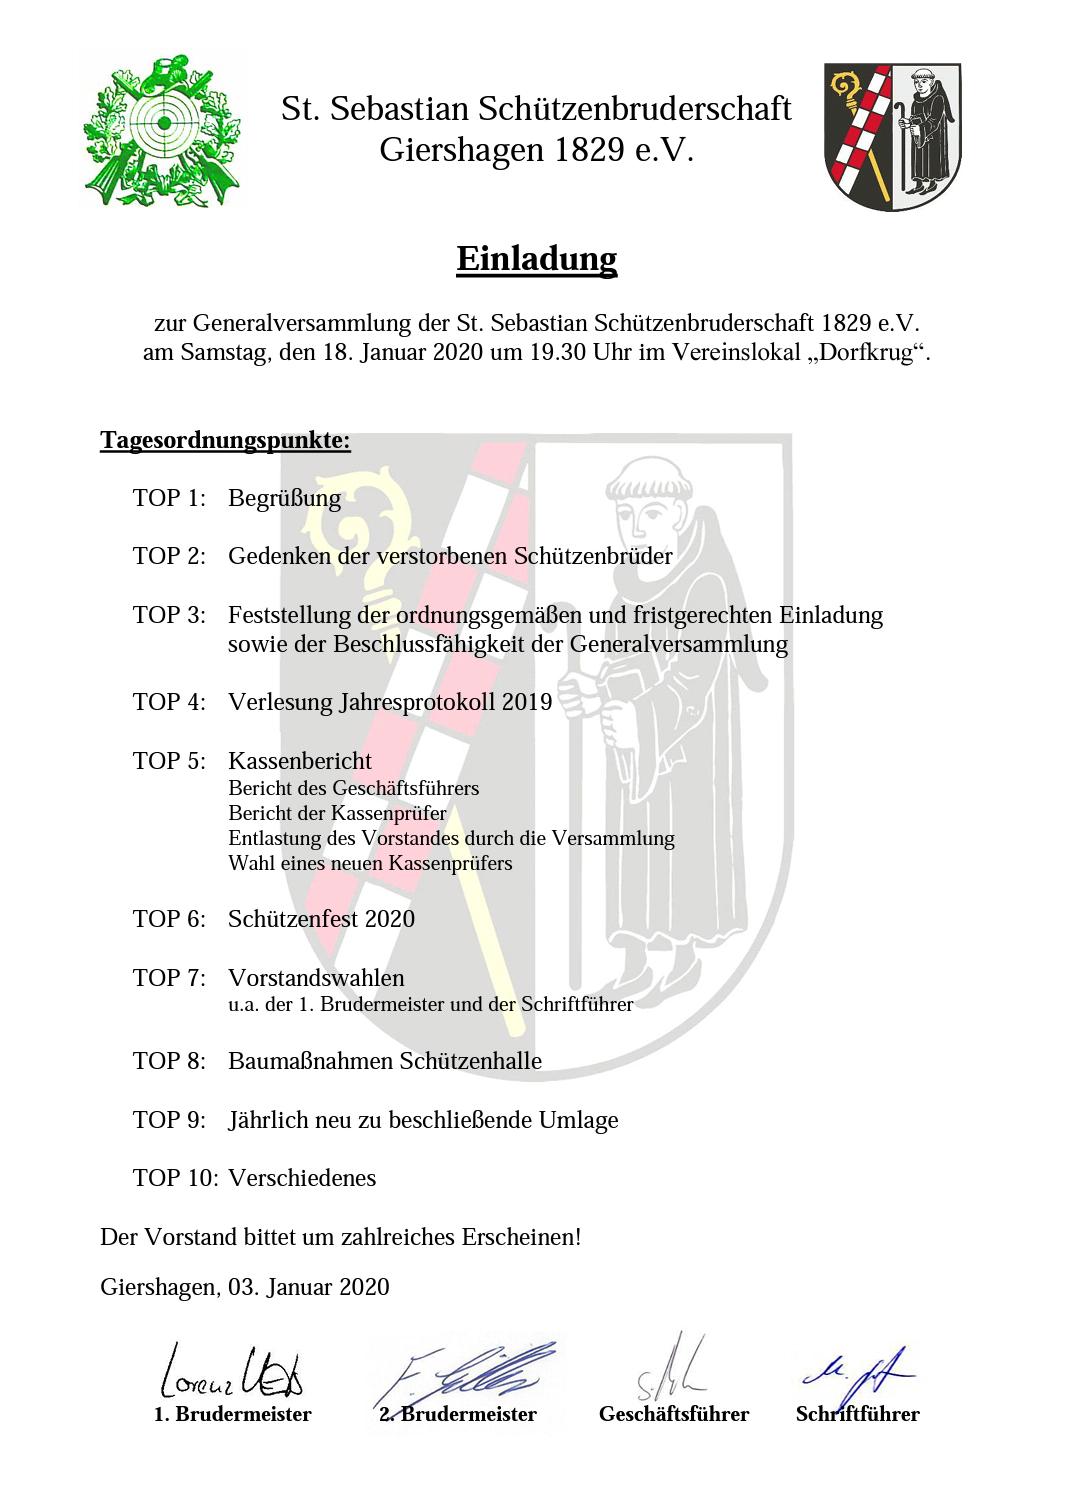 Einladung Generalversammlung 2020